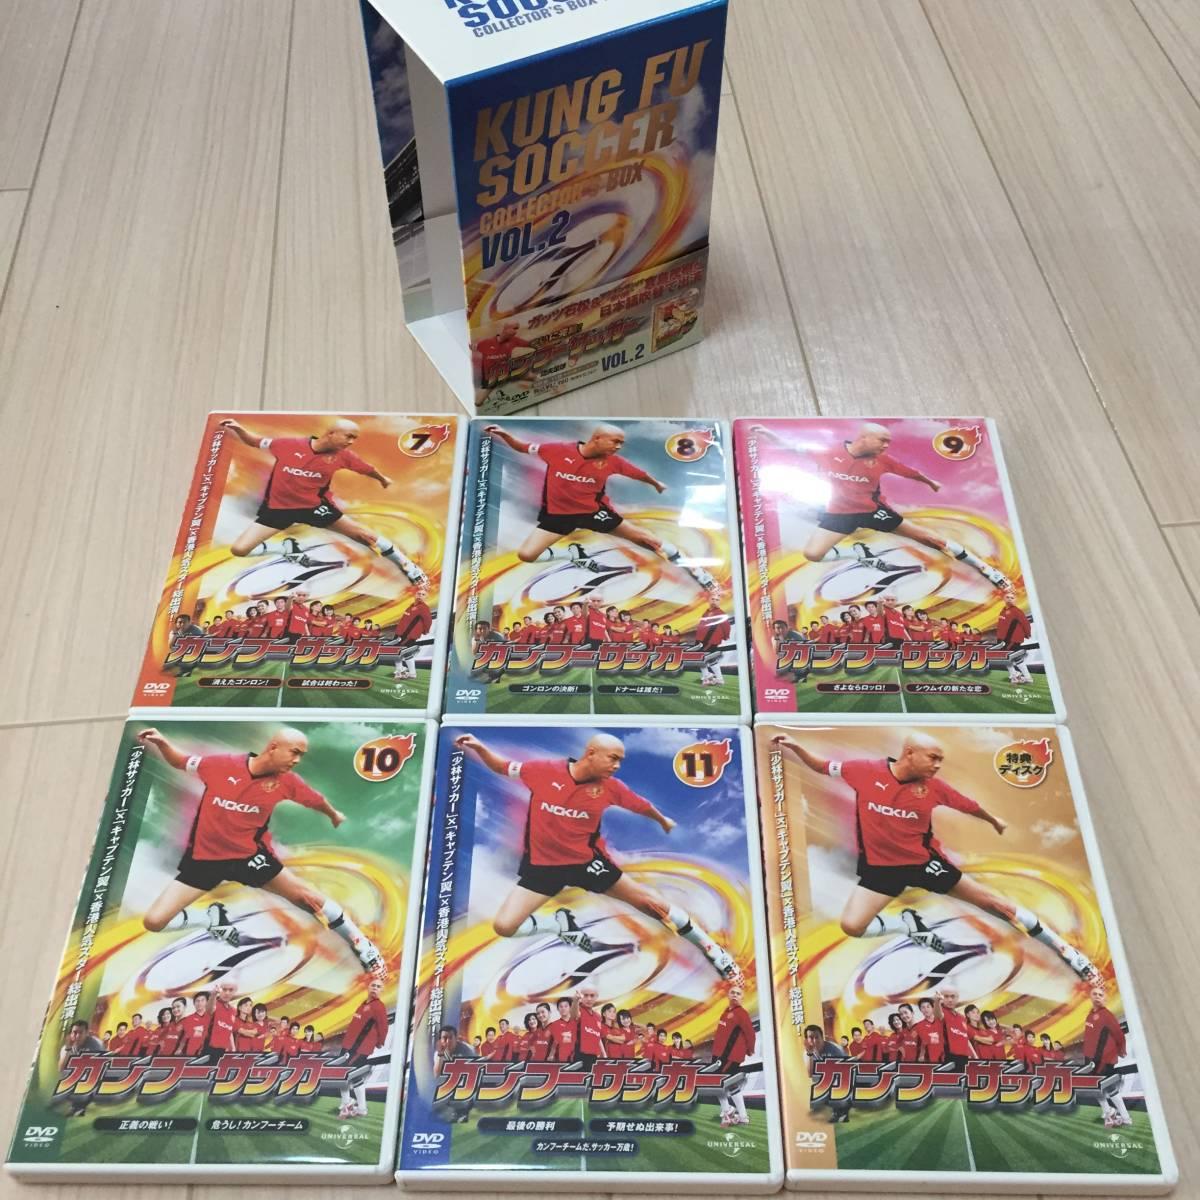 カンフーサッカー DVD-BOX Vol.2〈6枚組〉★特典ディスク付★攻夫足球